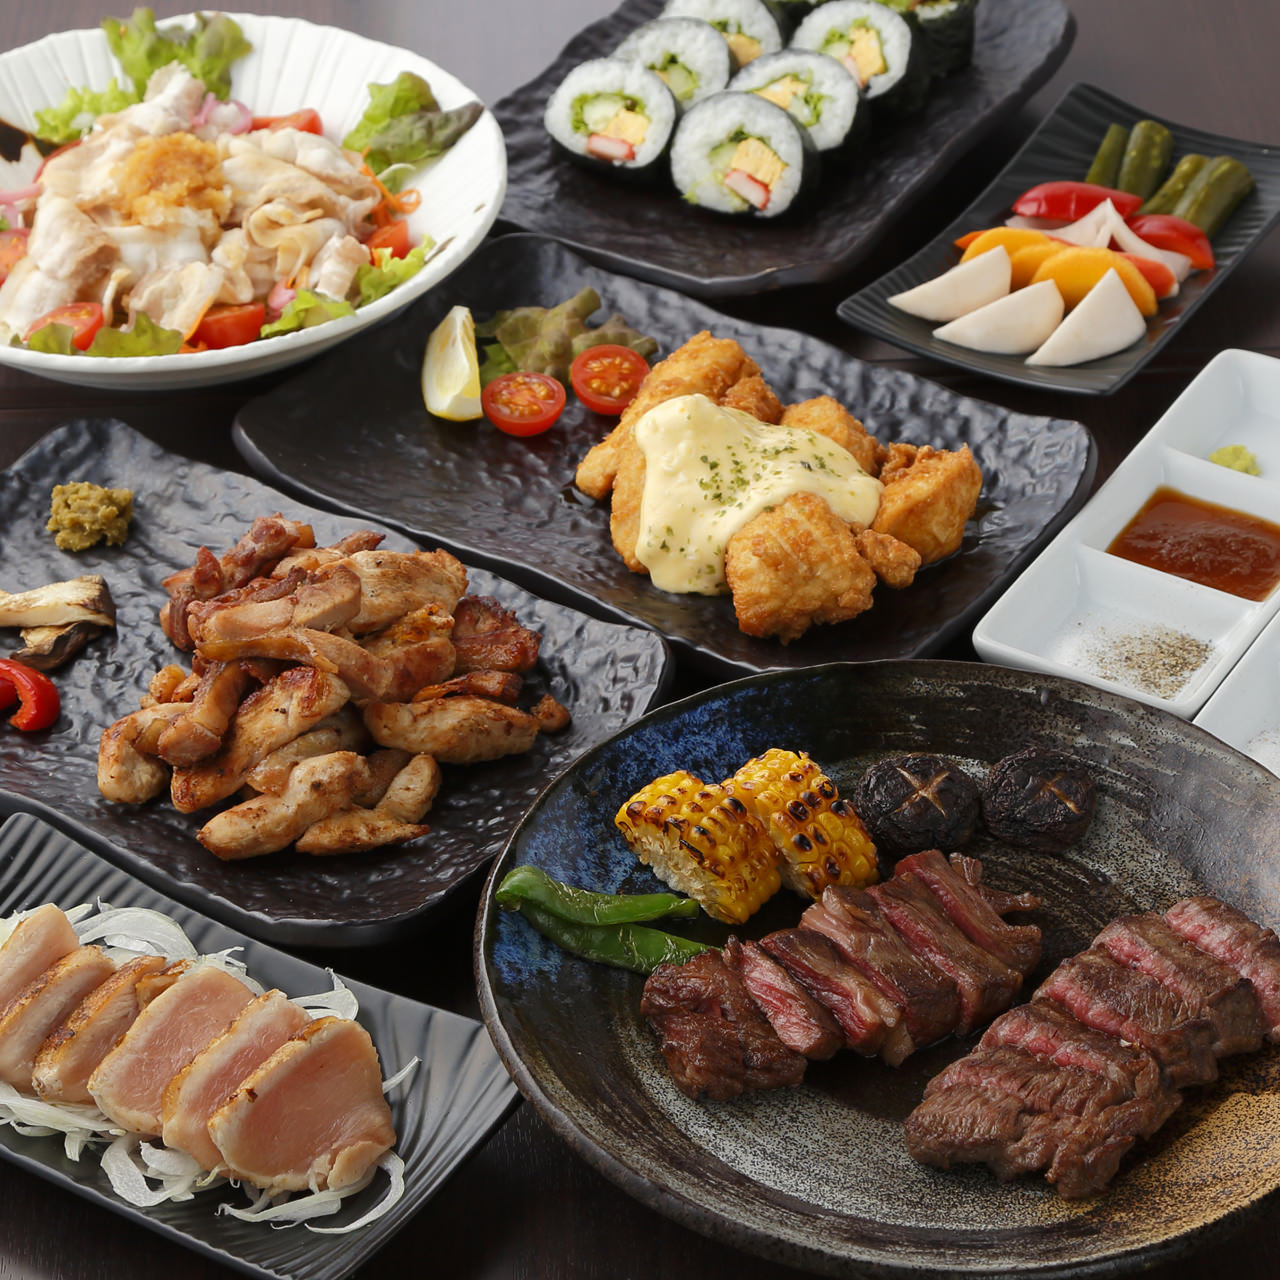 宮崎をまるごと味わう宴会コースが◎